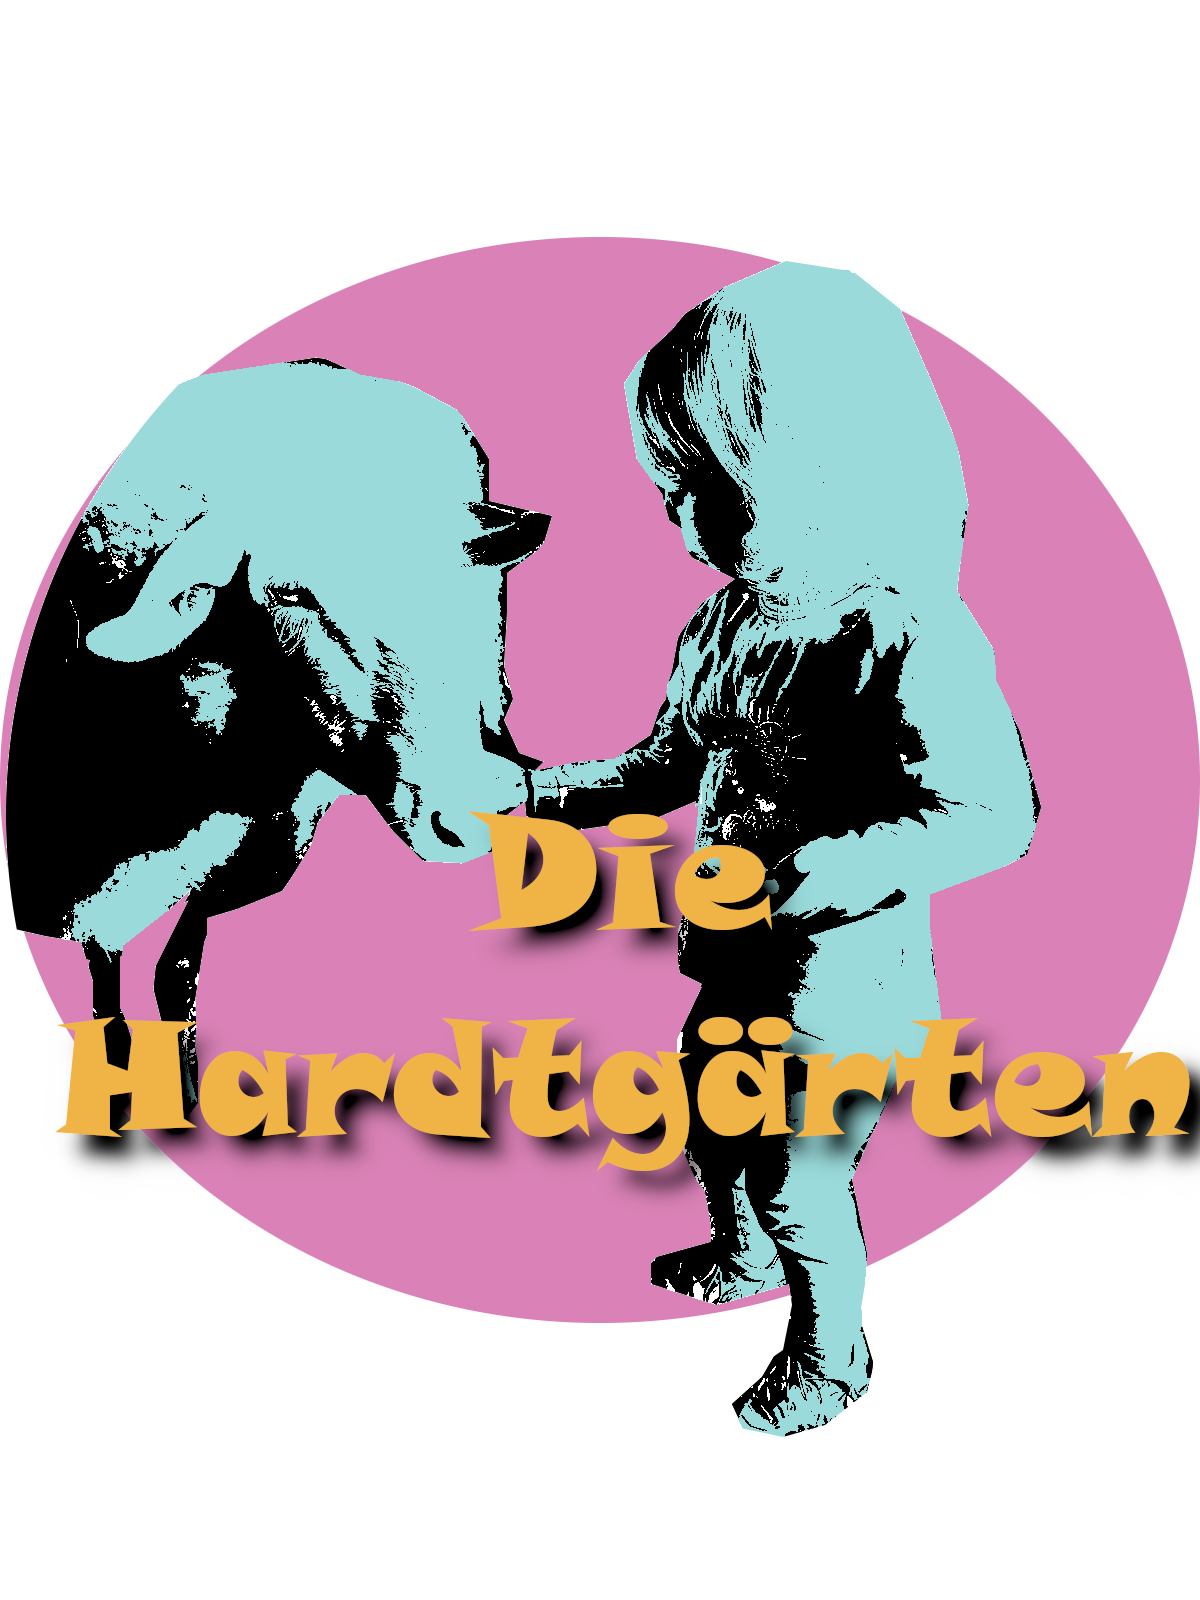 Die Hardtgärten